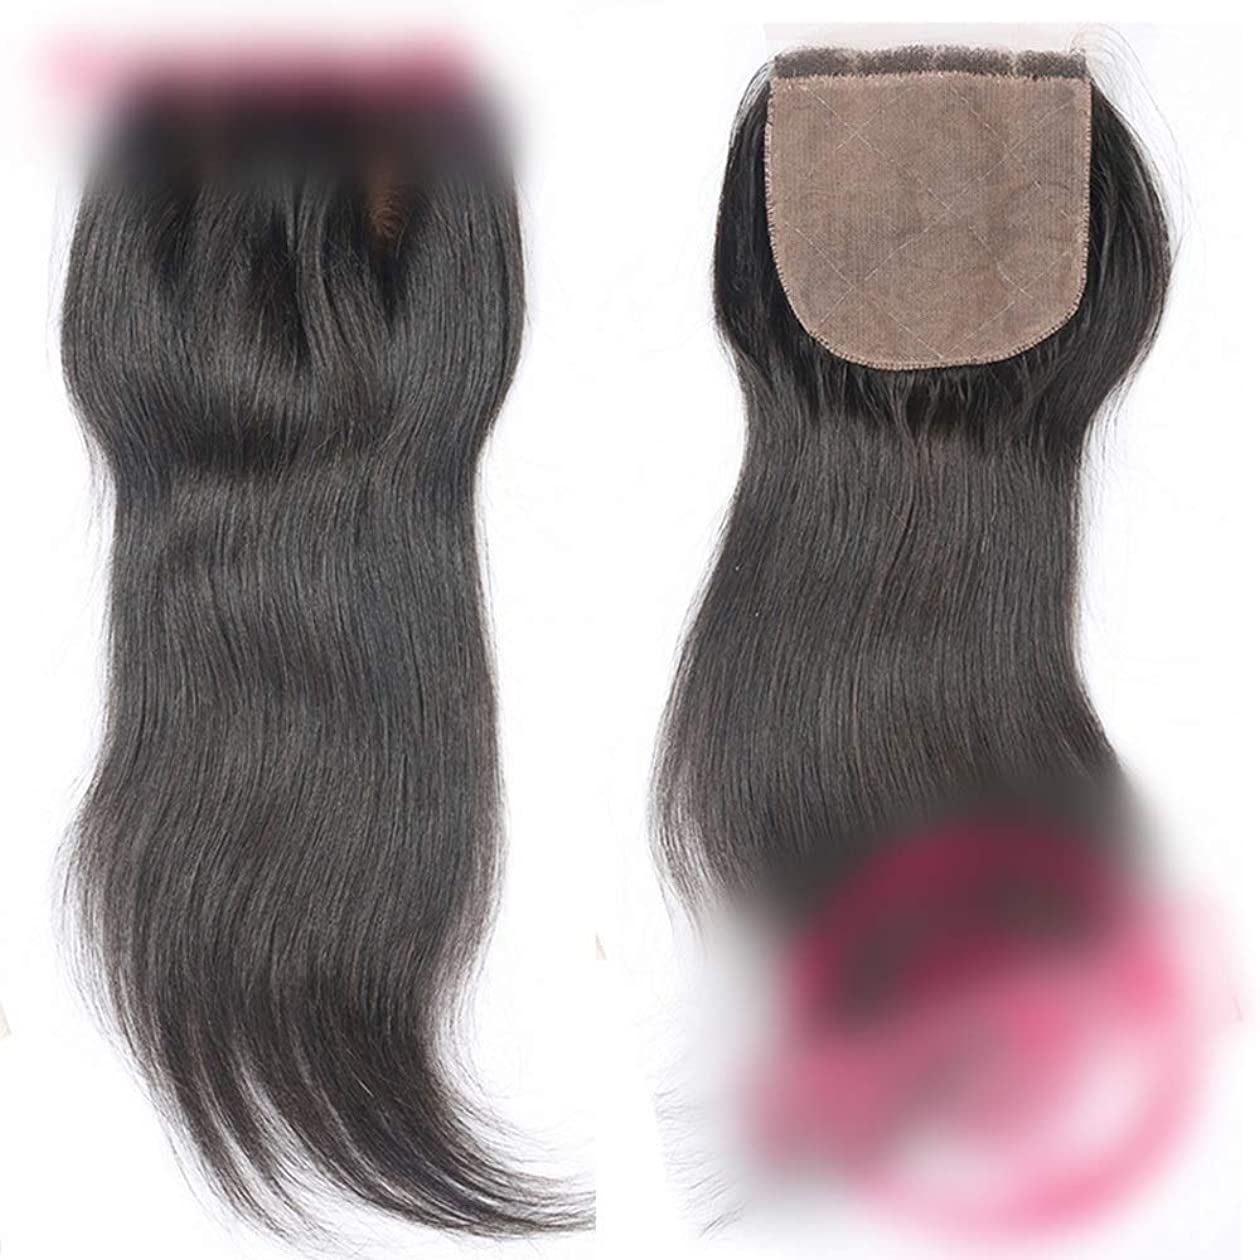 定義最初に浅いHOHYLLYA ストレート人間の髪の毛の閉鎖ブラジルのリアルヘアフリーパート4 * 4レースの閉鎖ヘアエクステンションナチュラルカラー複合ヘアレースかつらロールプレイングかつら (色 : 黒, サイズ : 20 inch)